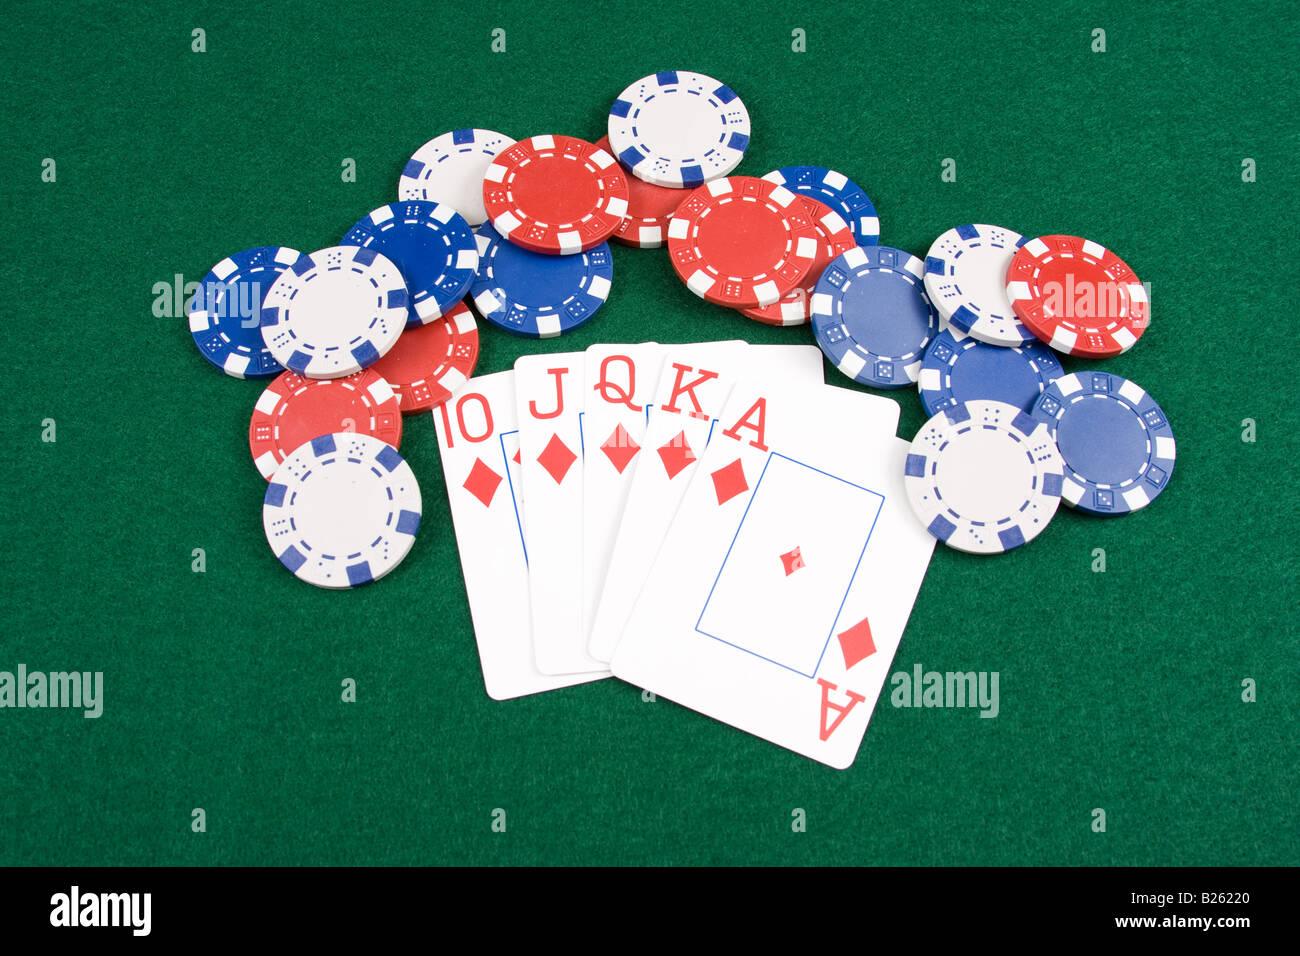 12345 straight poker netbet casino mobile app